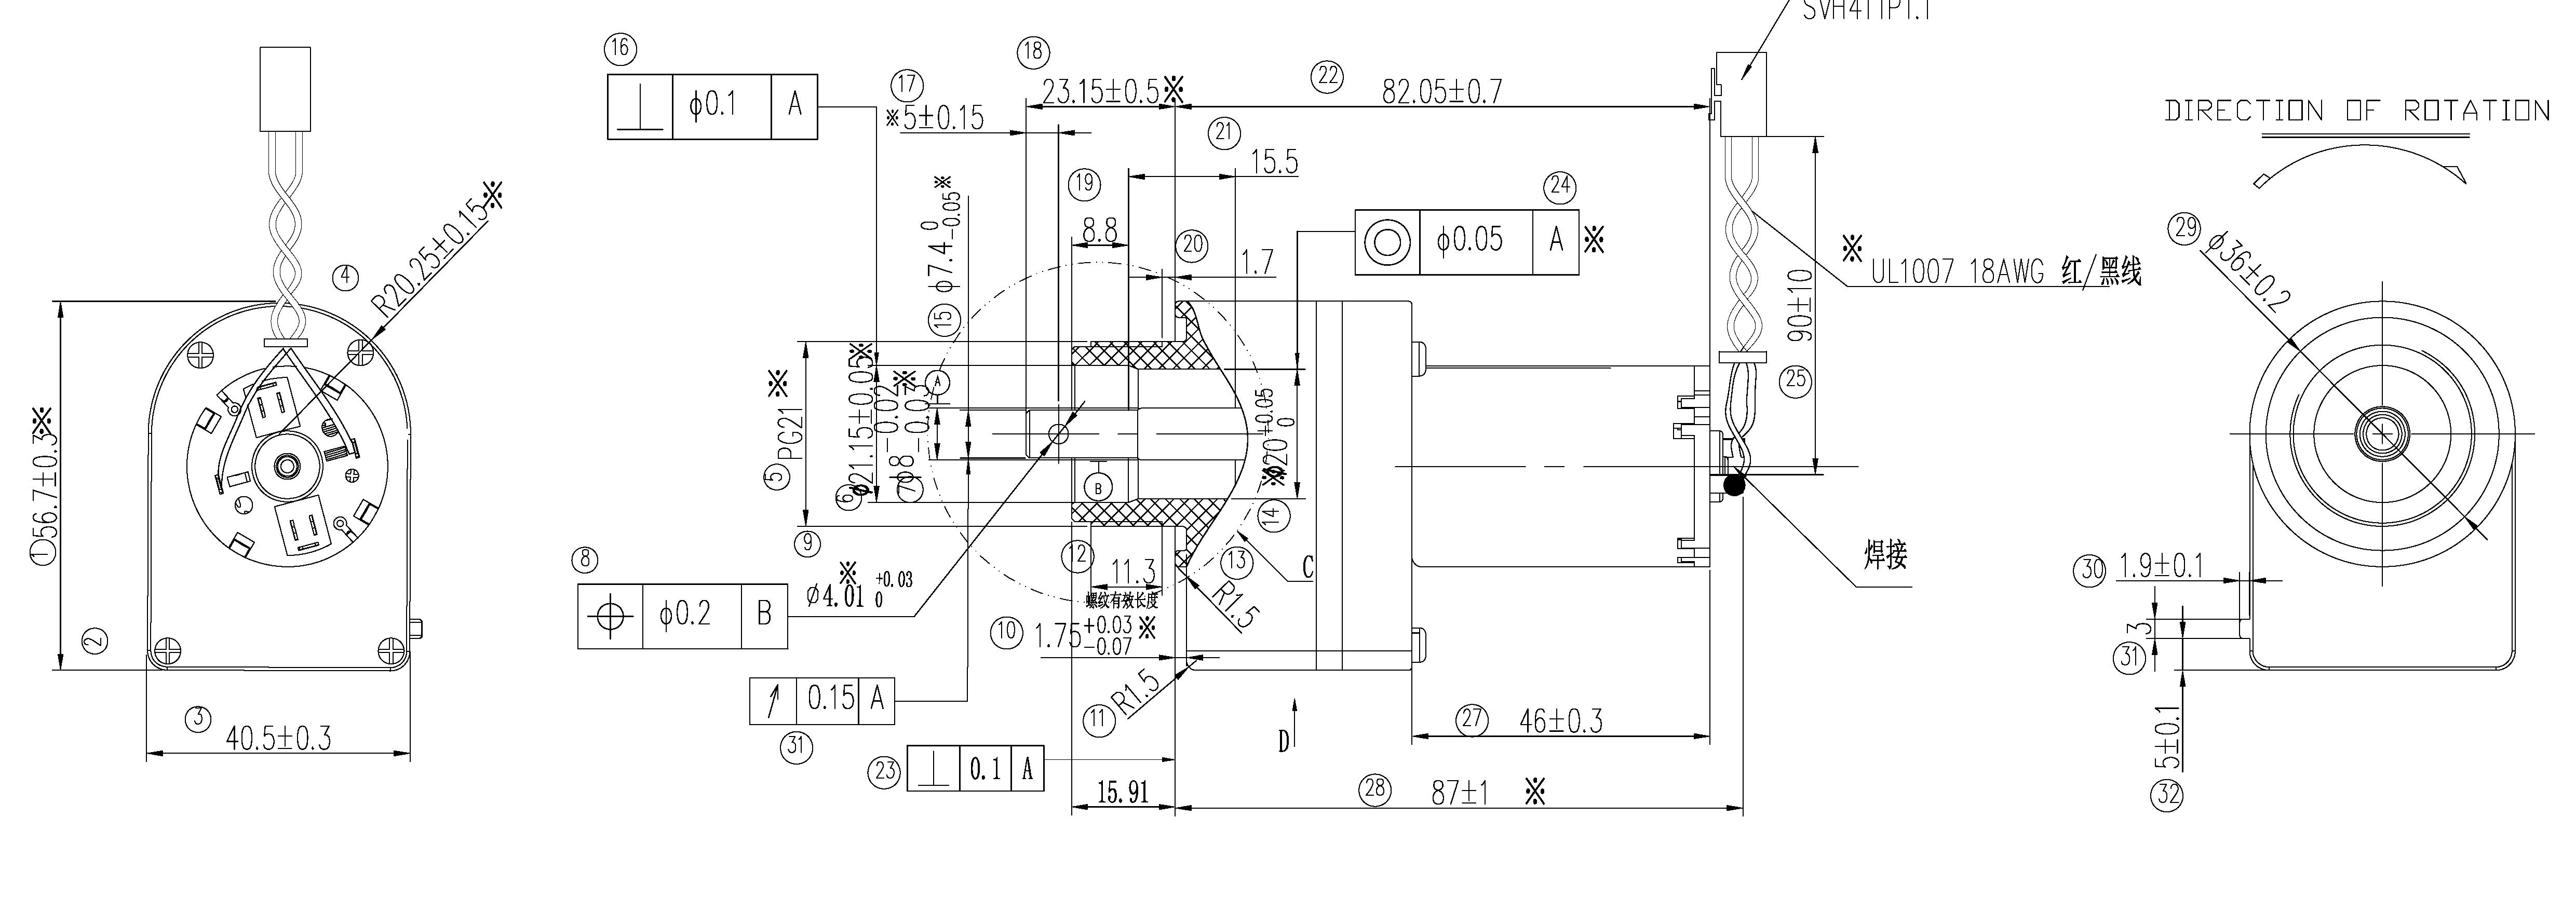 ギアボックスモーター-41JFS3146_Outline-drawing-01-01